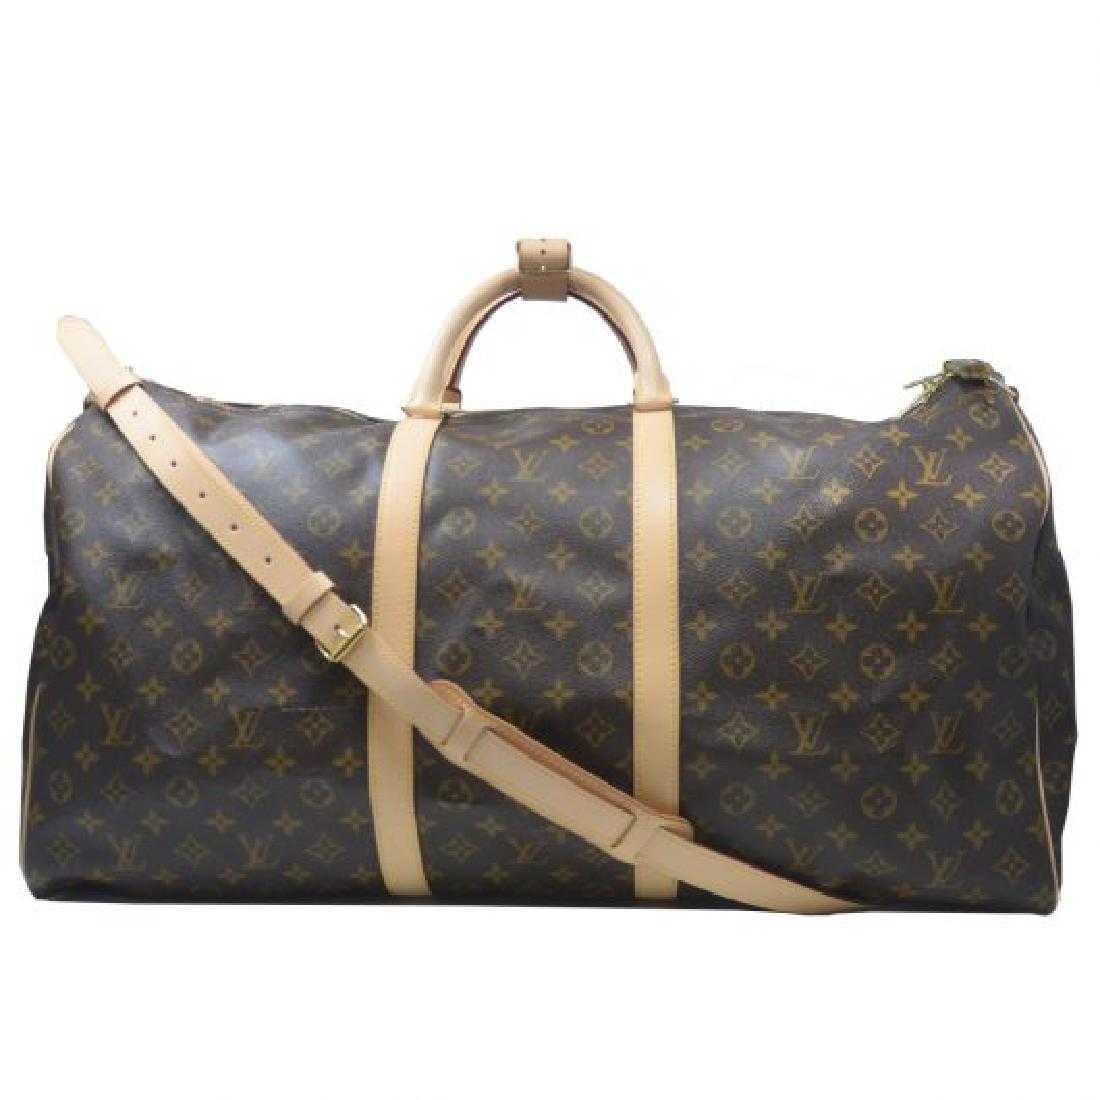 624bdf240b97 Louis Vuitton Keepall 60